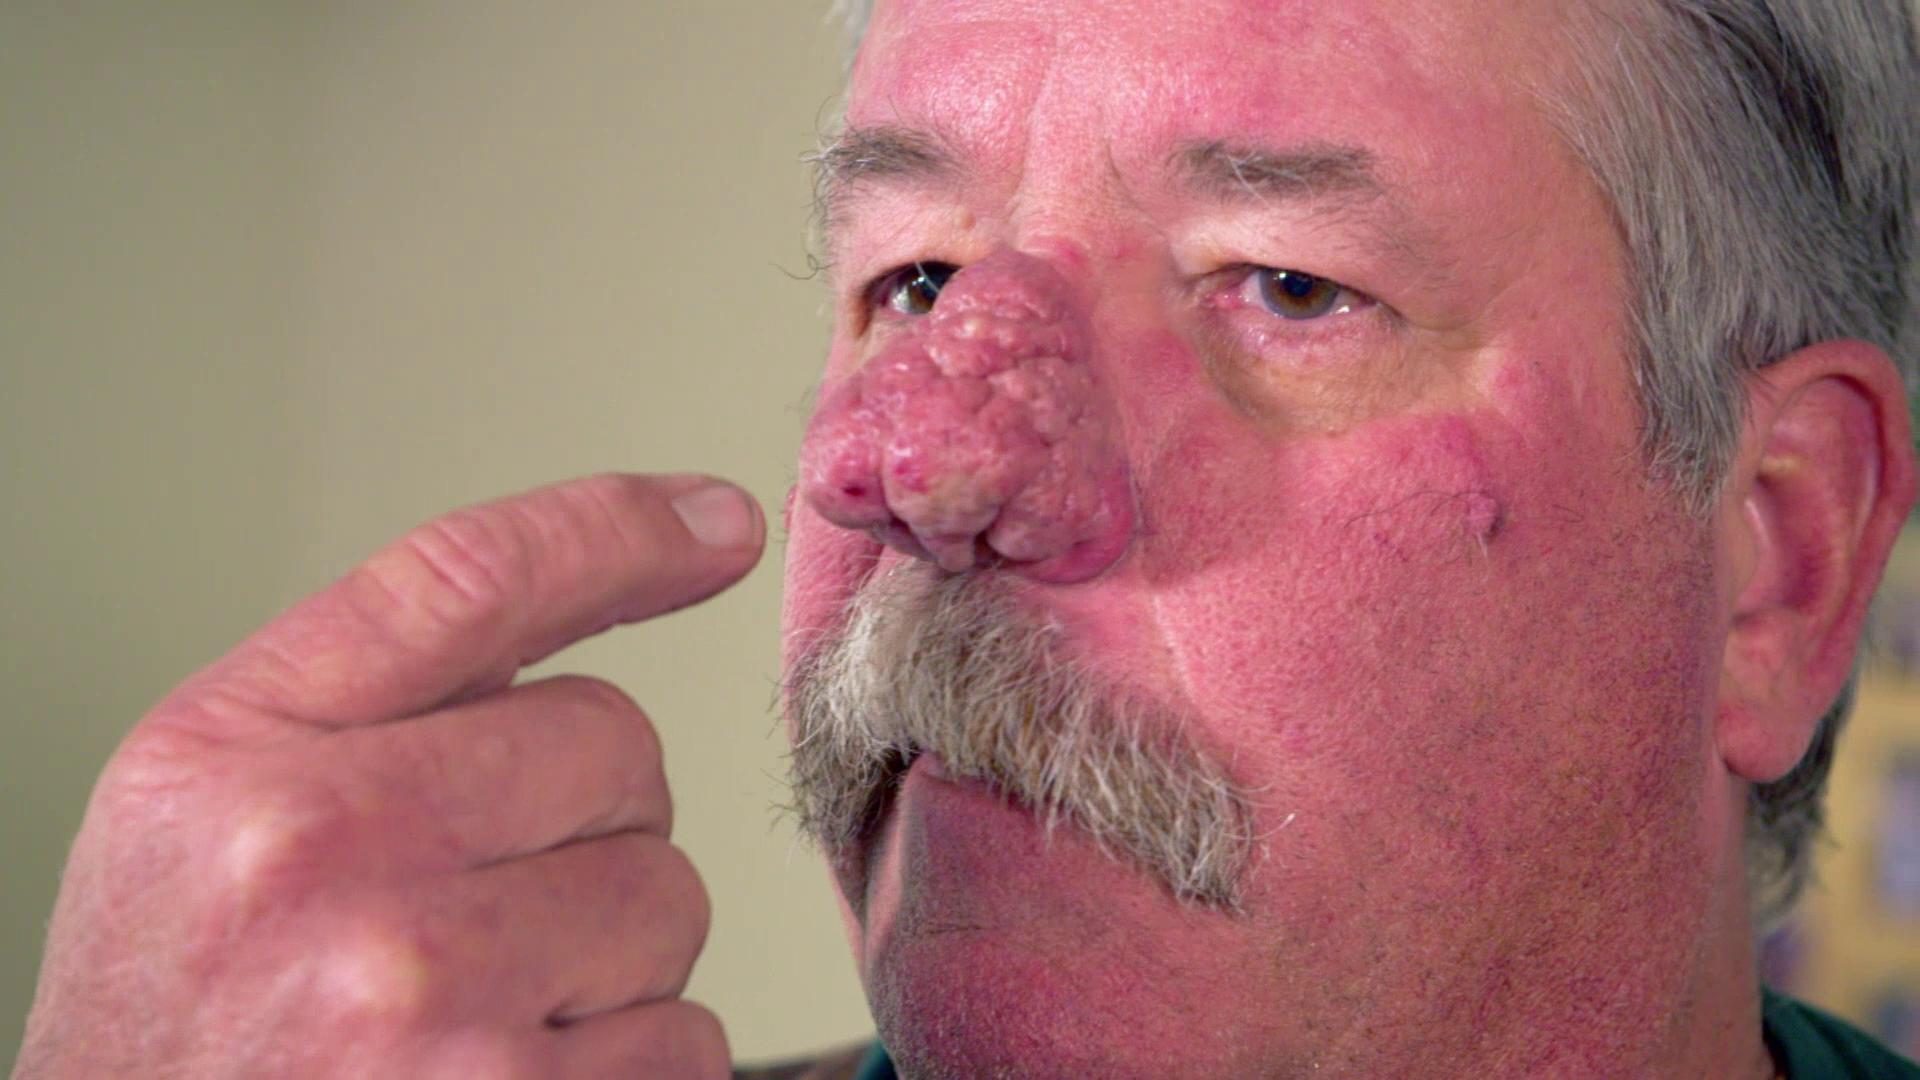 que es un lipoma en la nariz